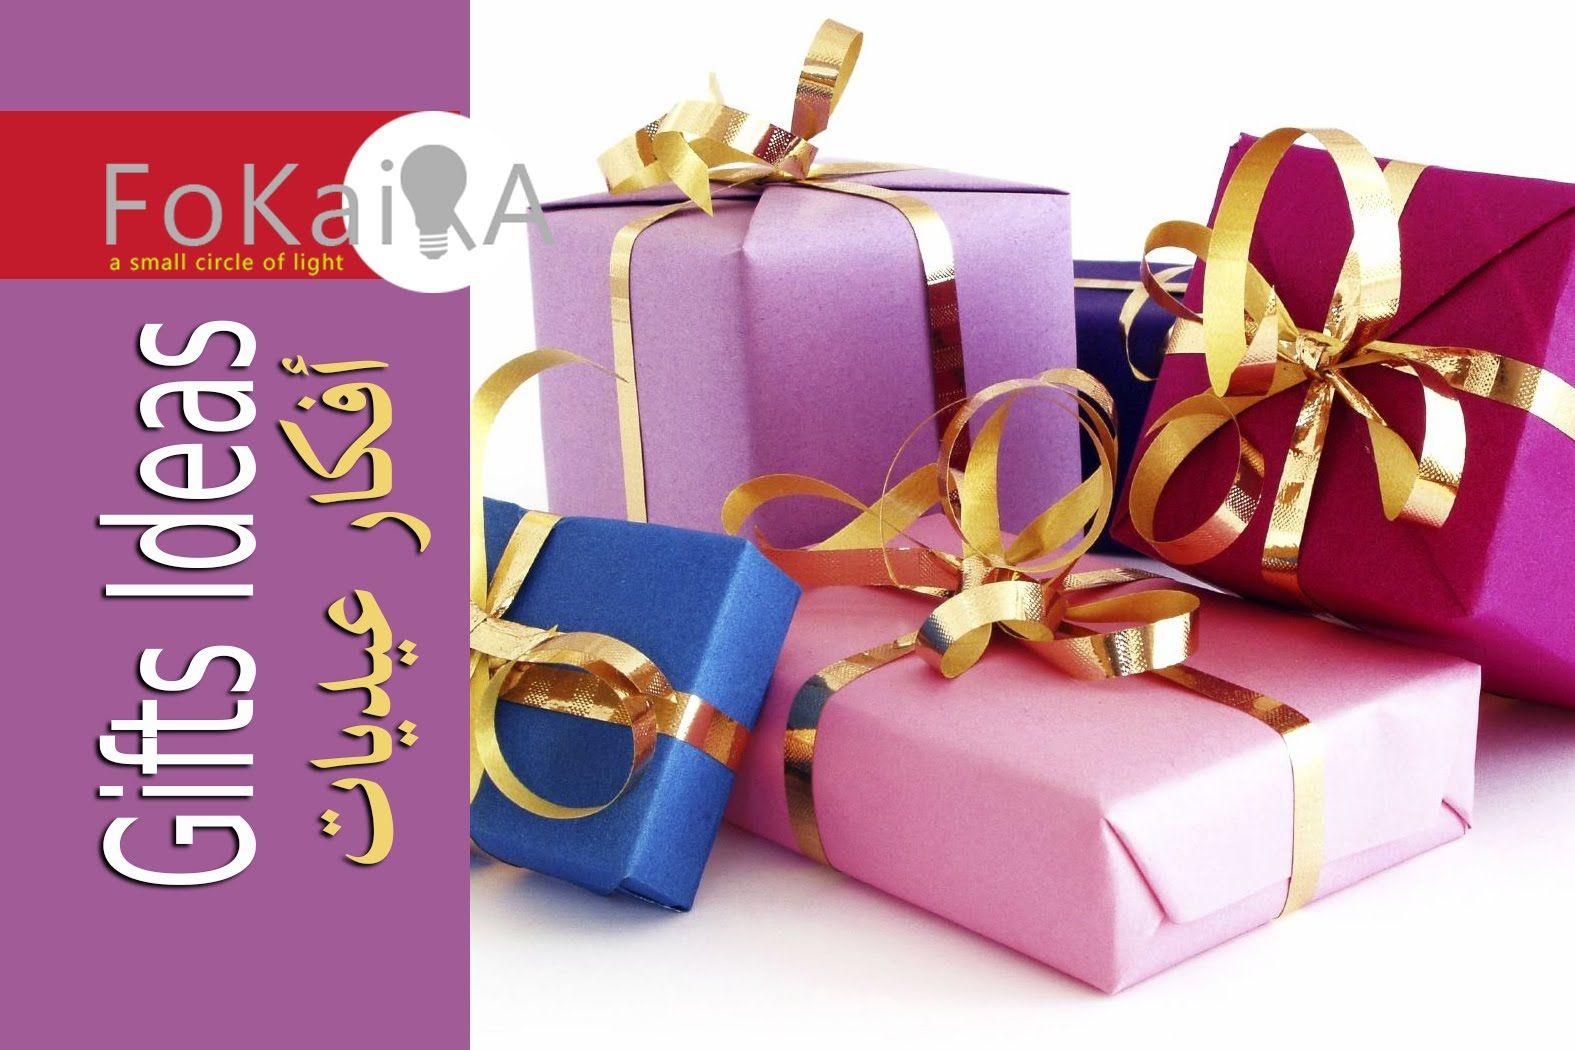 الفكيرة 118 أفكار هدايا و عيديات بسيطة تقديم فلوس Holiday Gift Guide Friendship Day Gifts Gifts Holiday Gift Guide